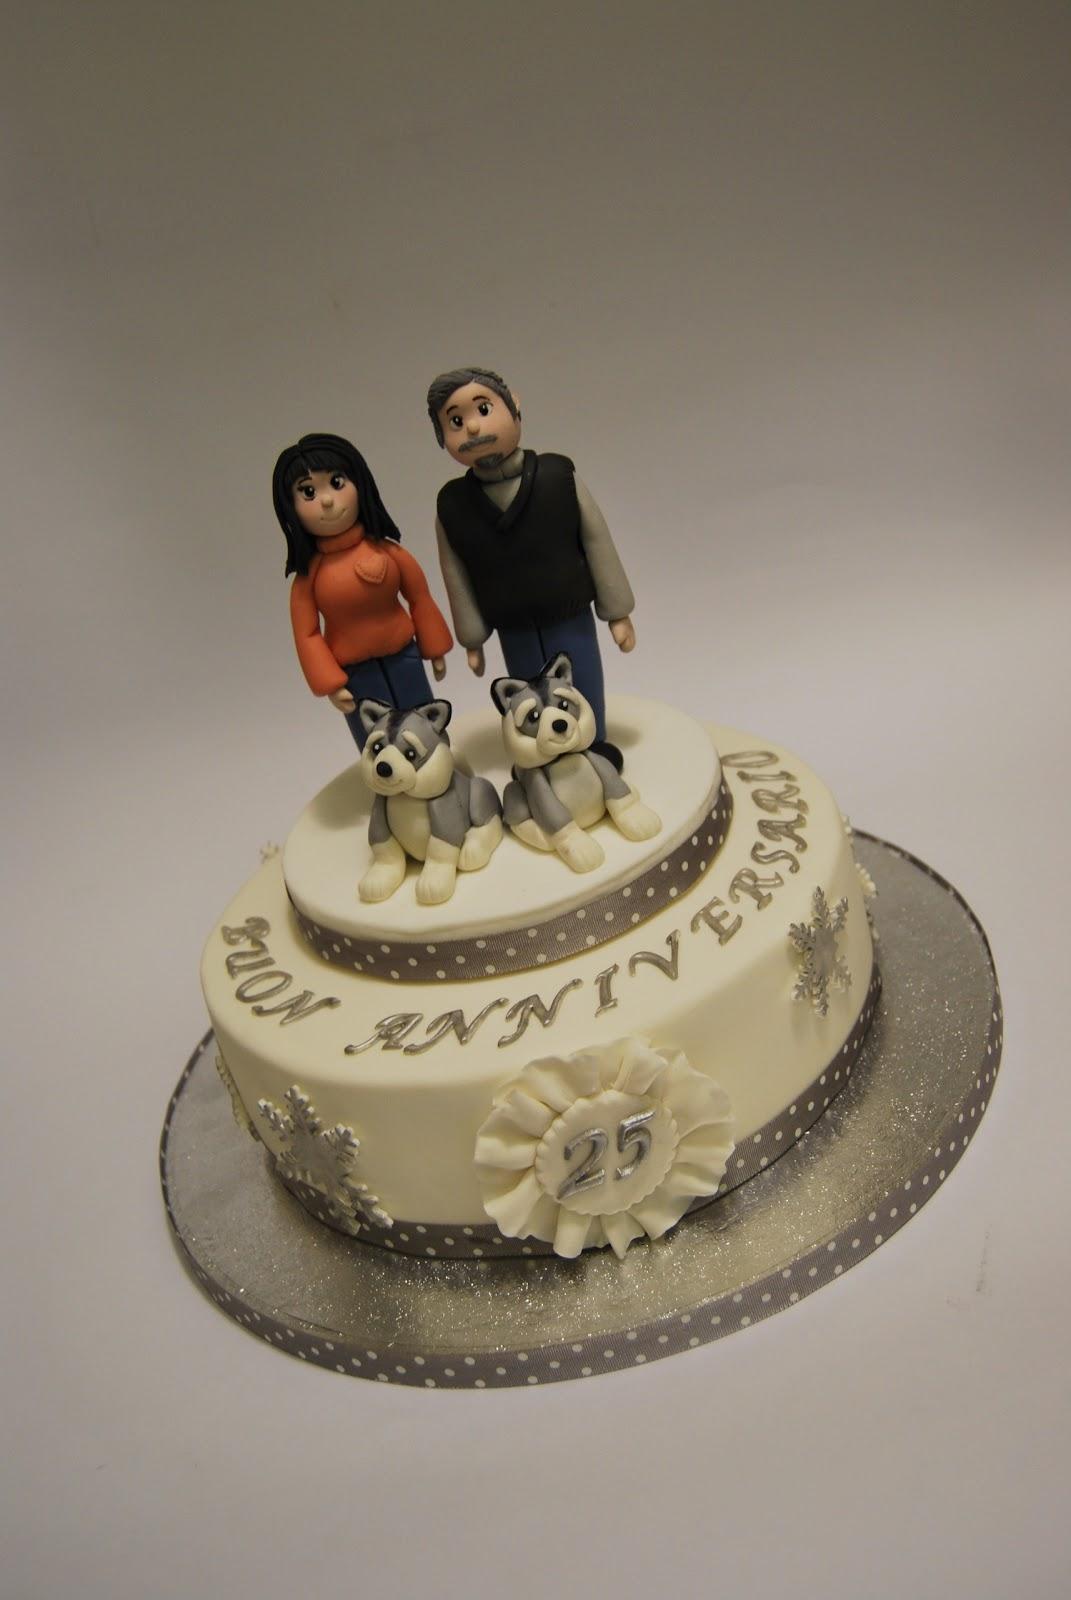 Lo zuccherino magico anniversario dei 25 anni di matrimonio for Video anniversario 25 anni di matrimonio